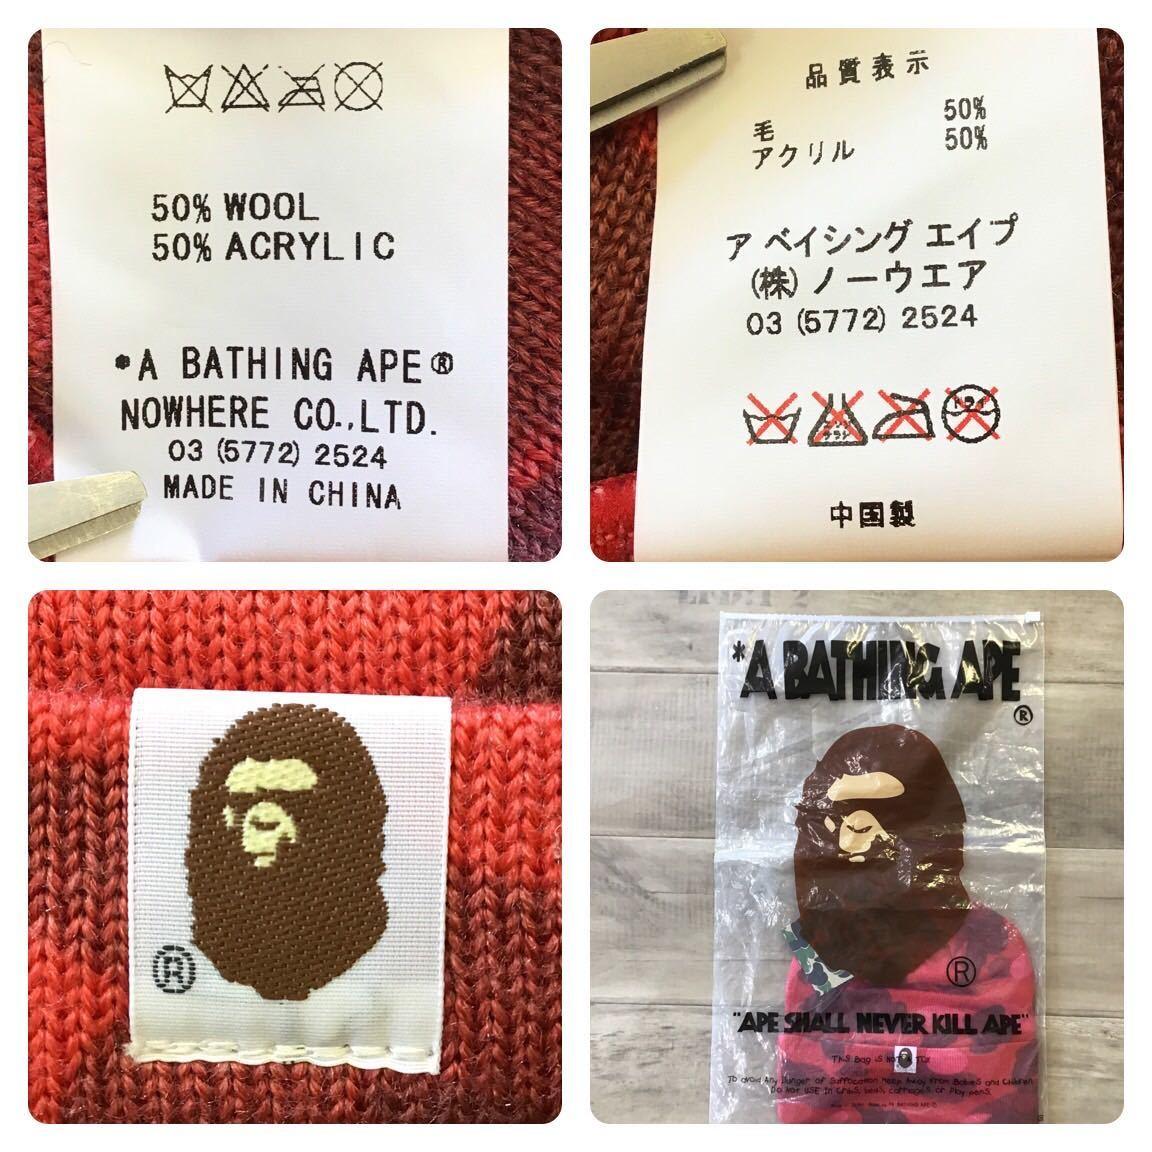 ★新品★ pharrell camo ツバ付き ニット帽 a bathing ape bape エイプ ベイプ ビーニー ニット キャップ 帽子 cap 迷彩 Beanie red camo